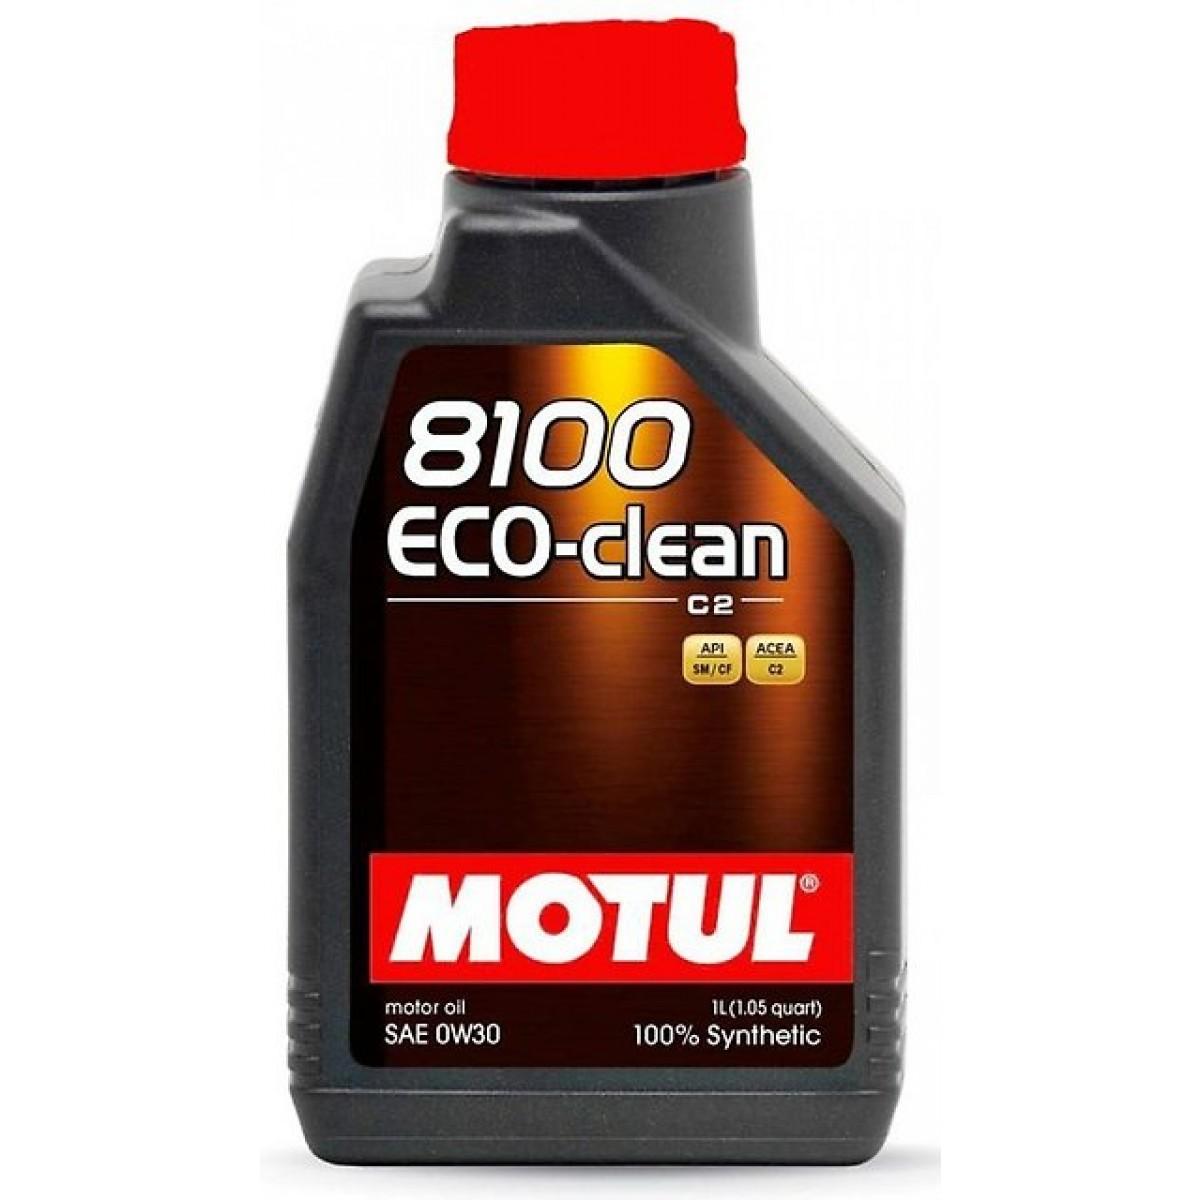 Motul 8100 Eco clean 5W30 SM/CF С2  Синтетическое моторное масло